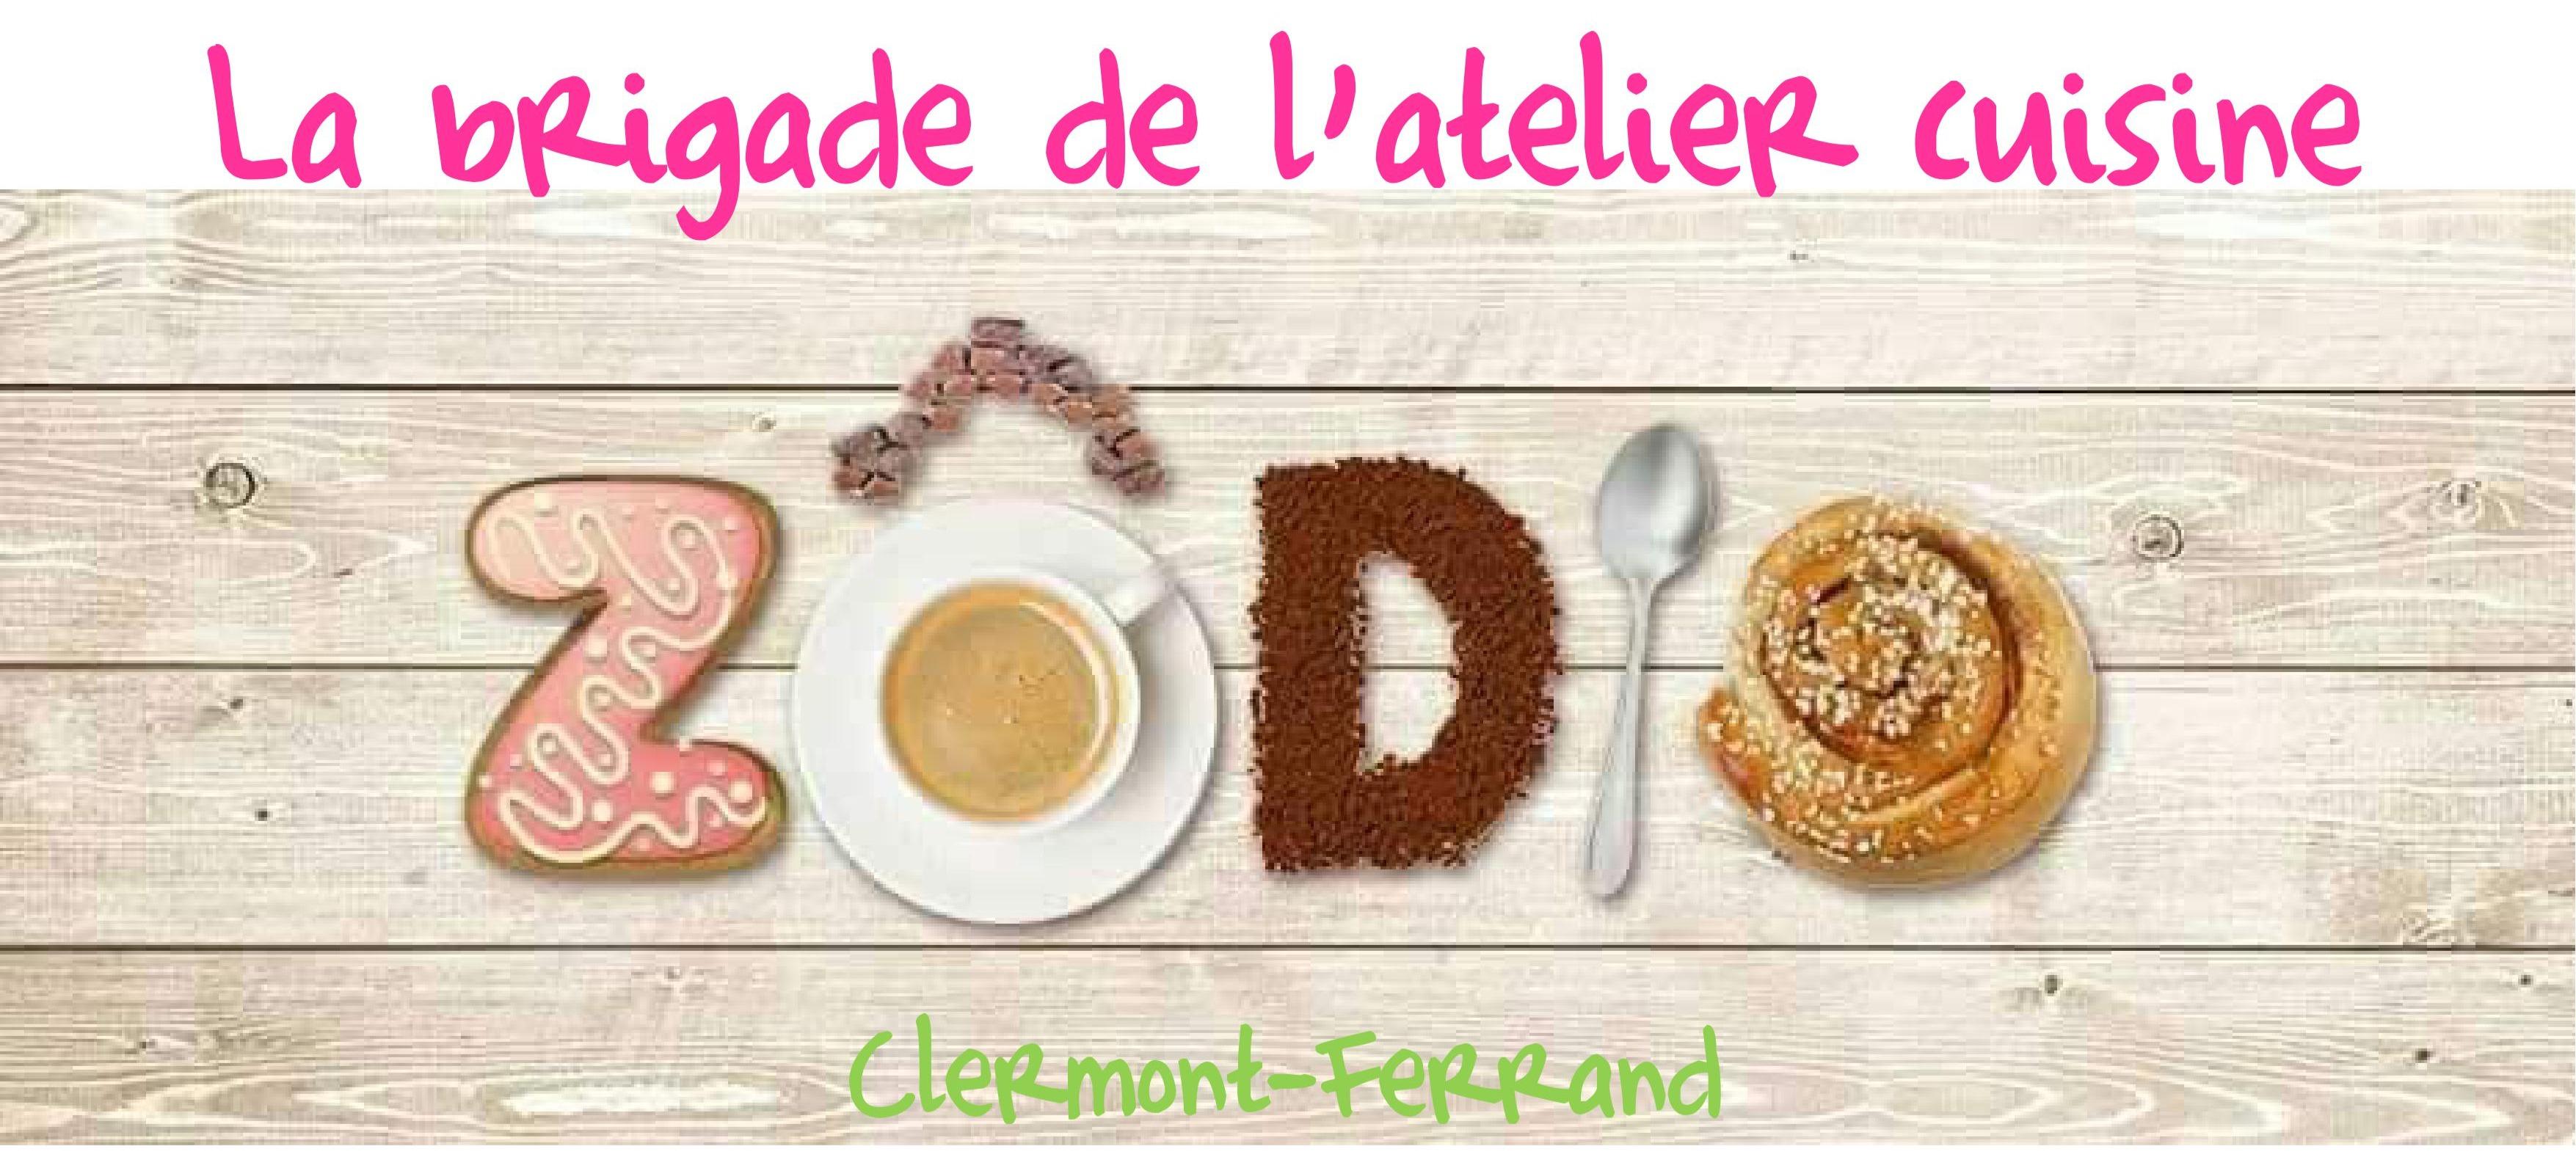 La Brigade De L Atelier Cuisine Zodio Clermont Ferrand Blog Zodio